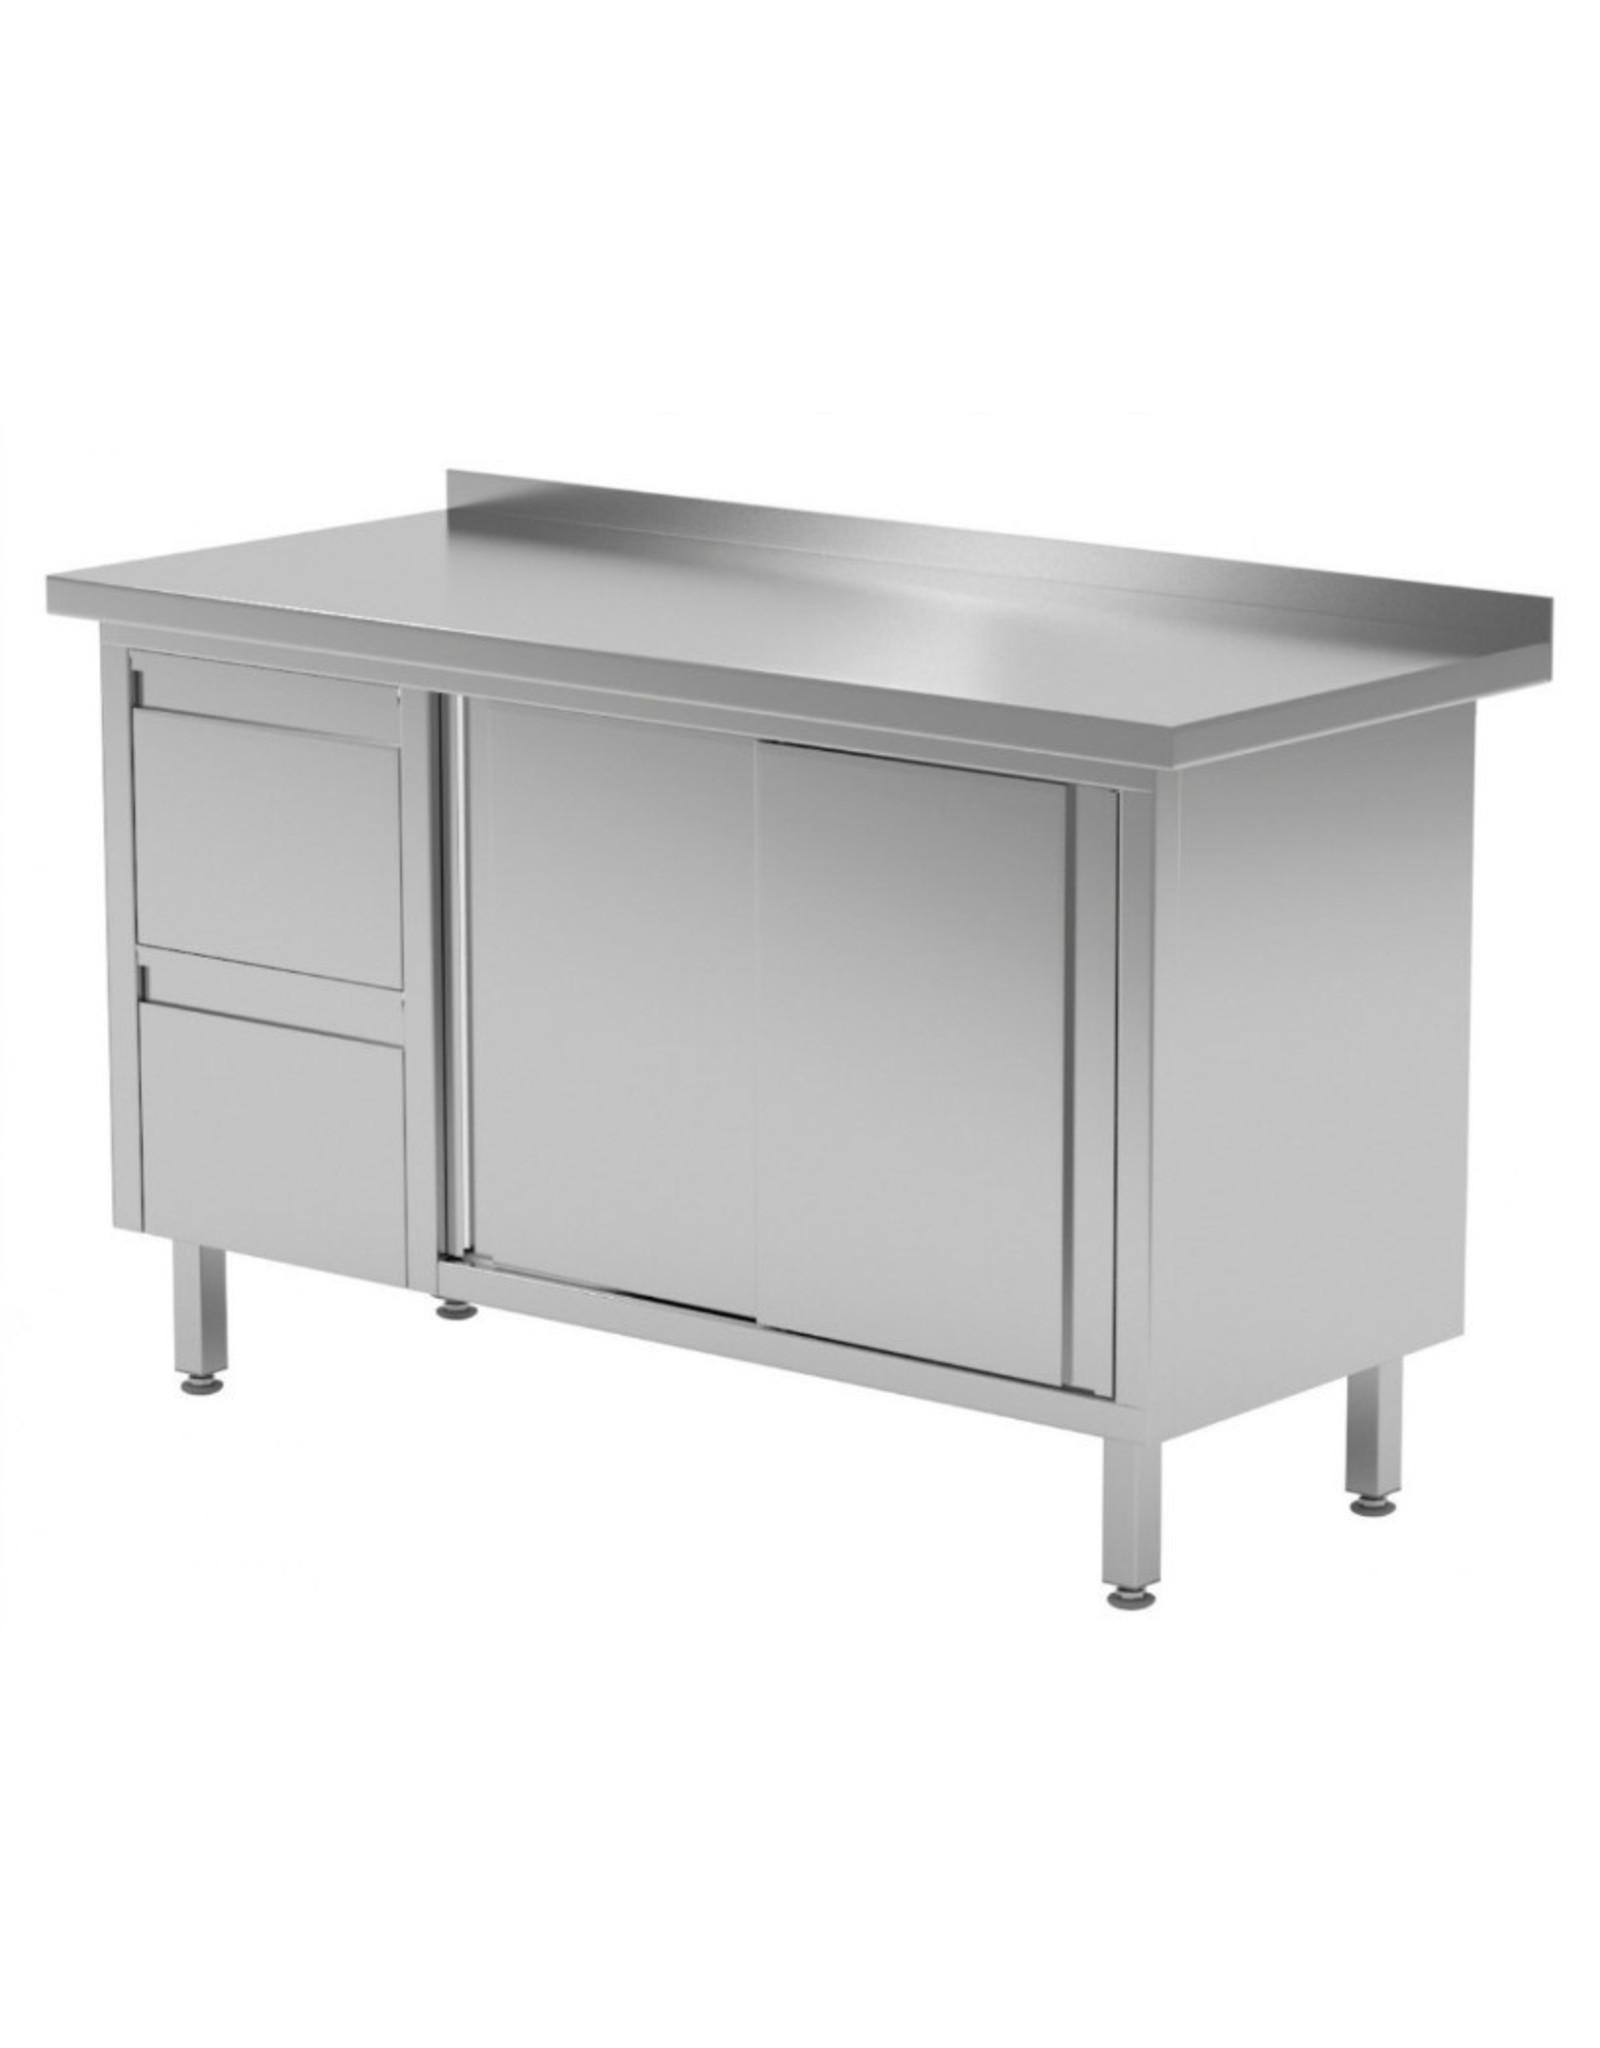 Werktafel met 2 lades links en schuifdeuren | 1200-1900mm breed | 600 of 700mm diep